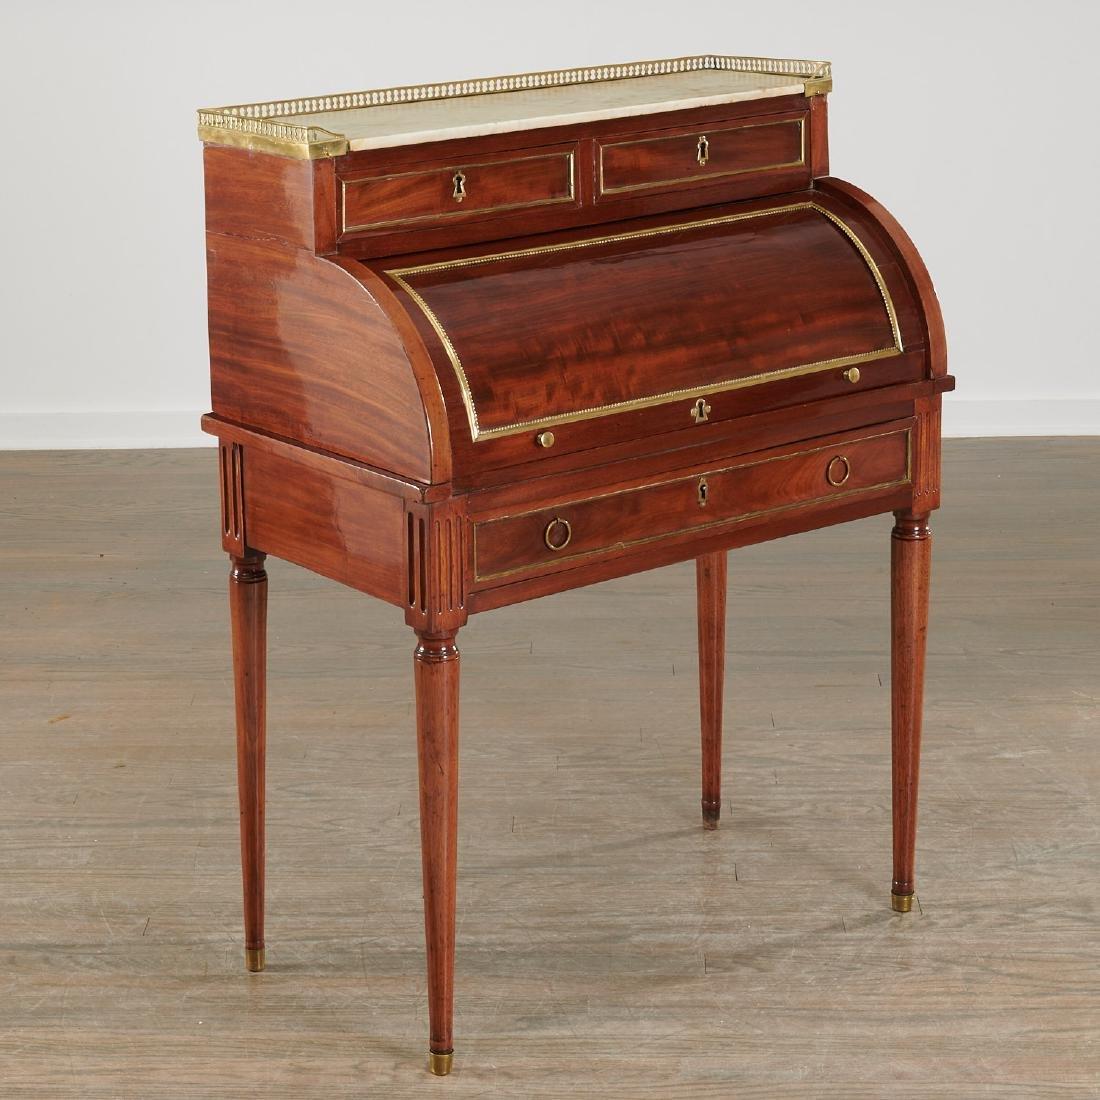 Louis XVI style bureau de cylindre